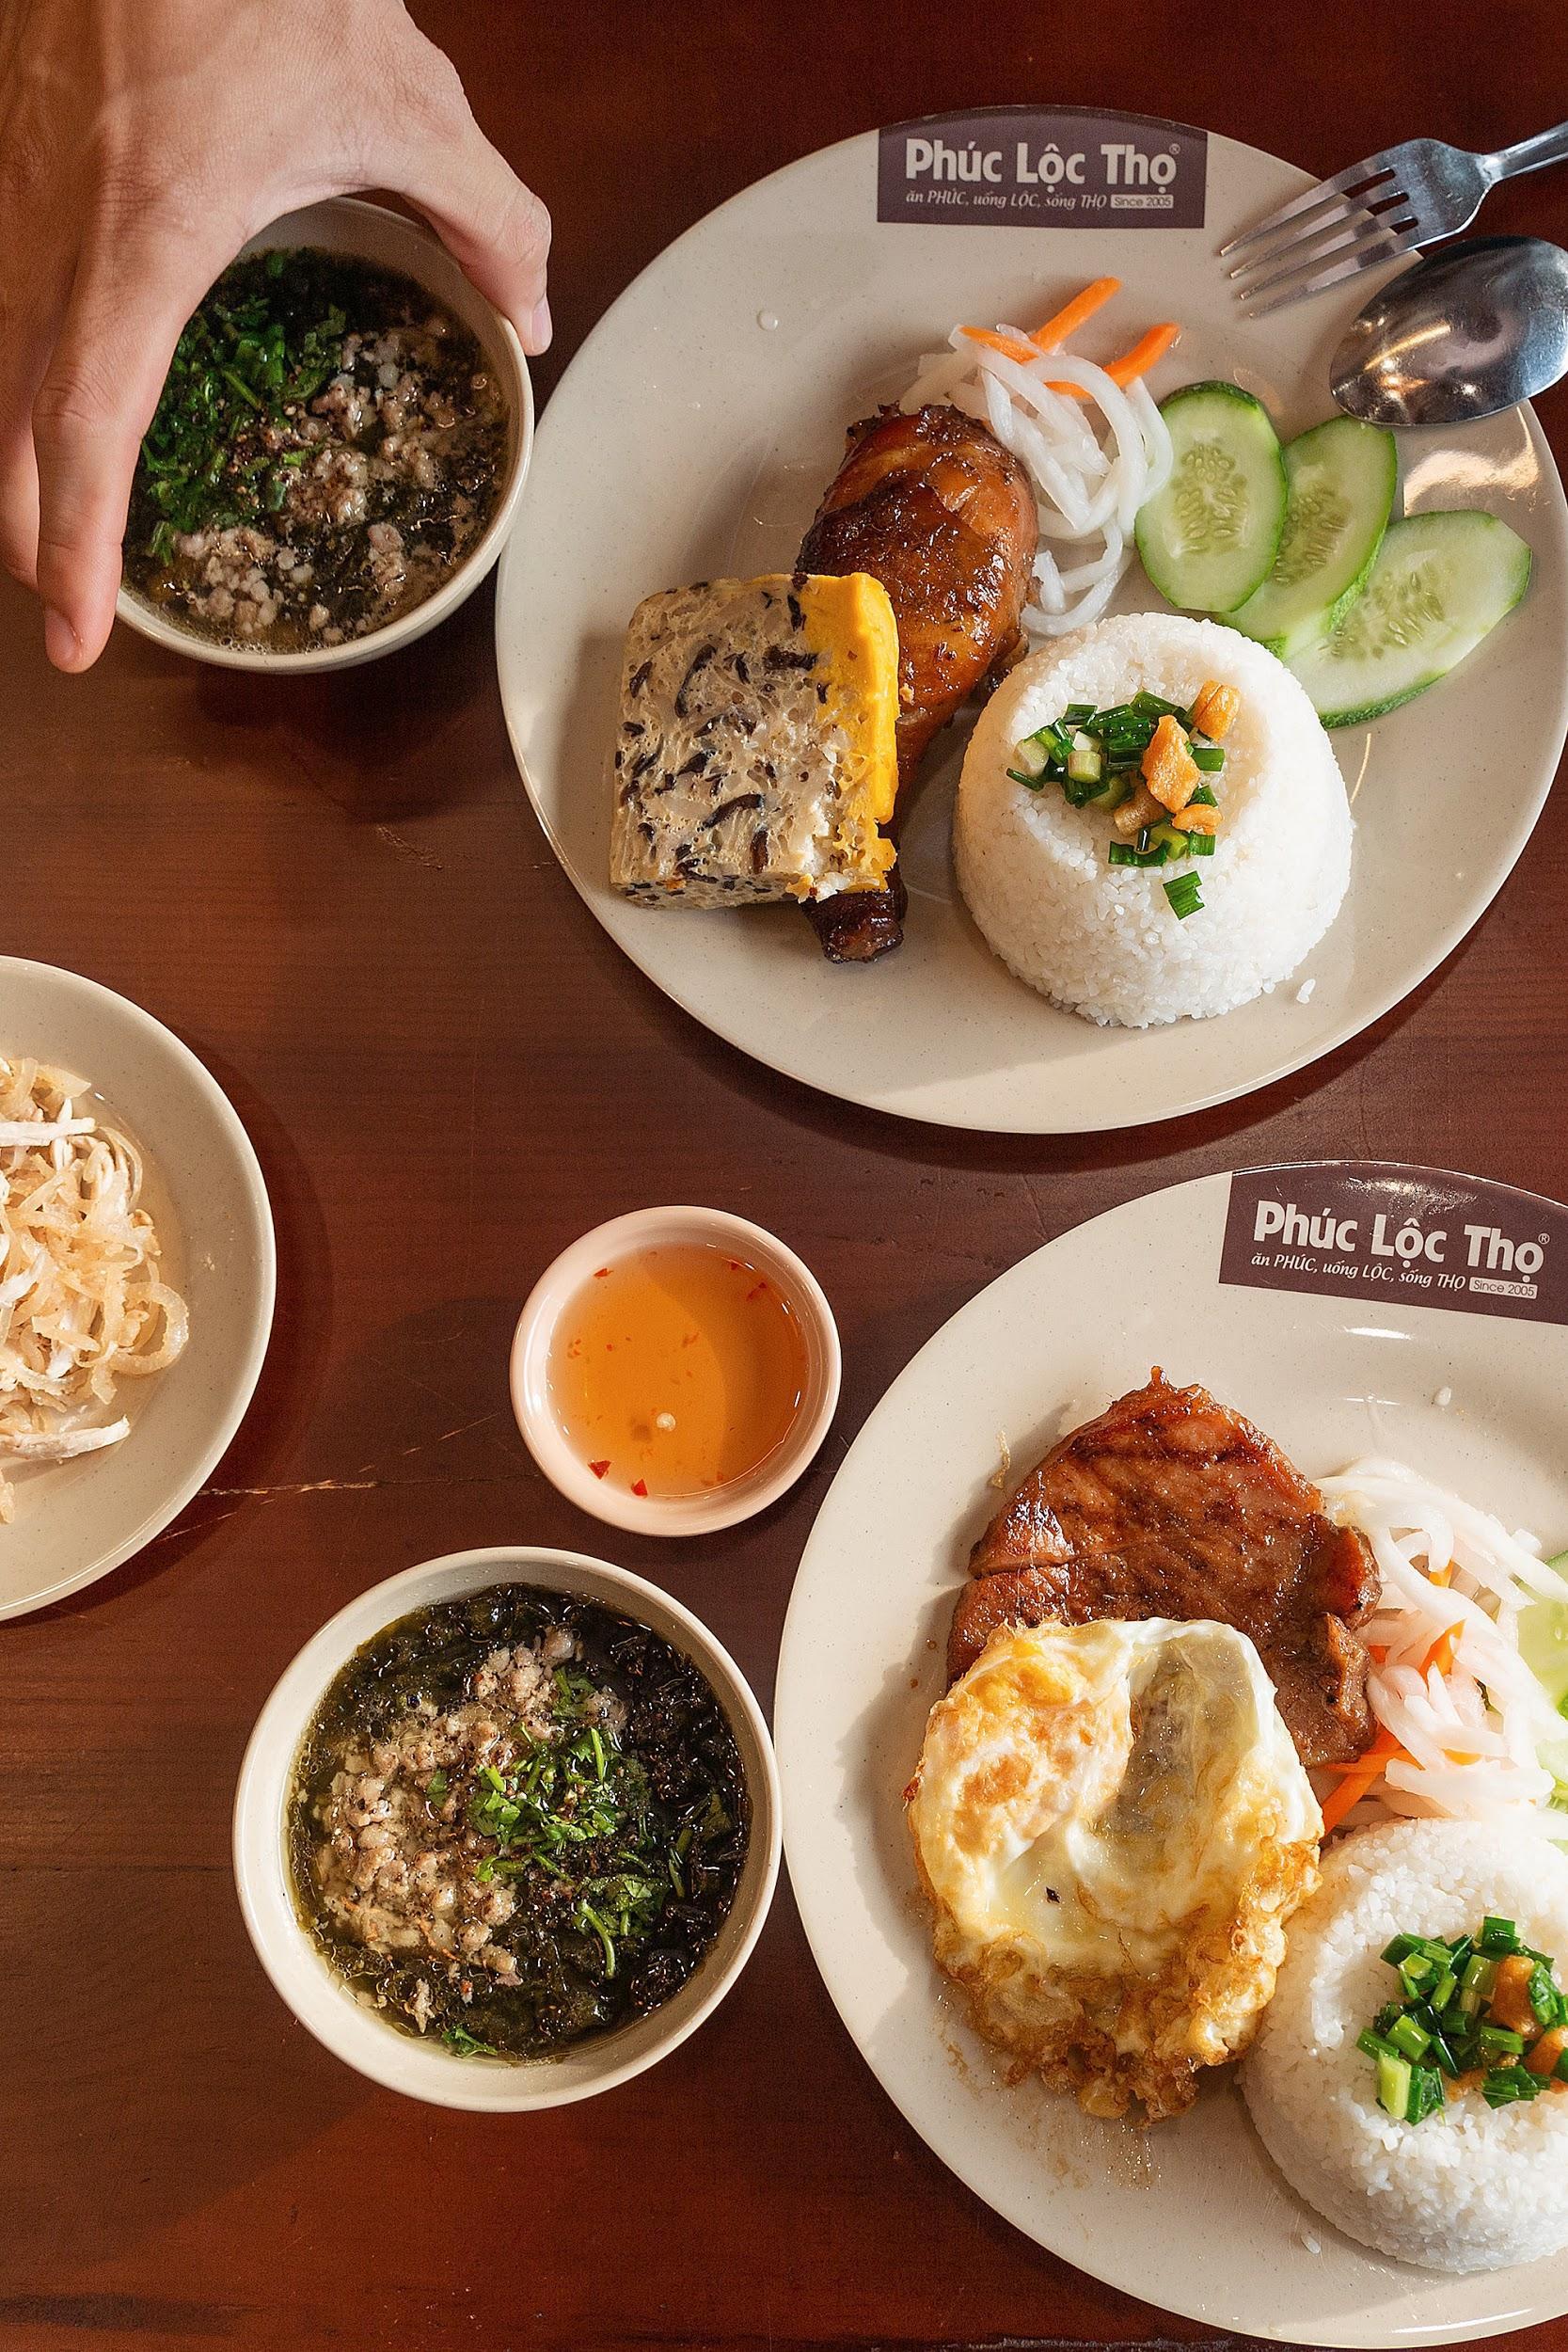 """Trót mê mẩn cơm tấm thì không thể bỏ qua địa chỉ """"ngon nức lòng"""" ở Sài Gòn - Ảnh 6."""